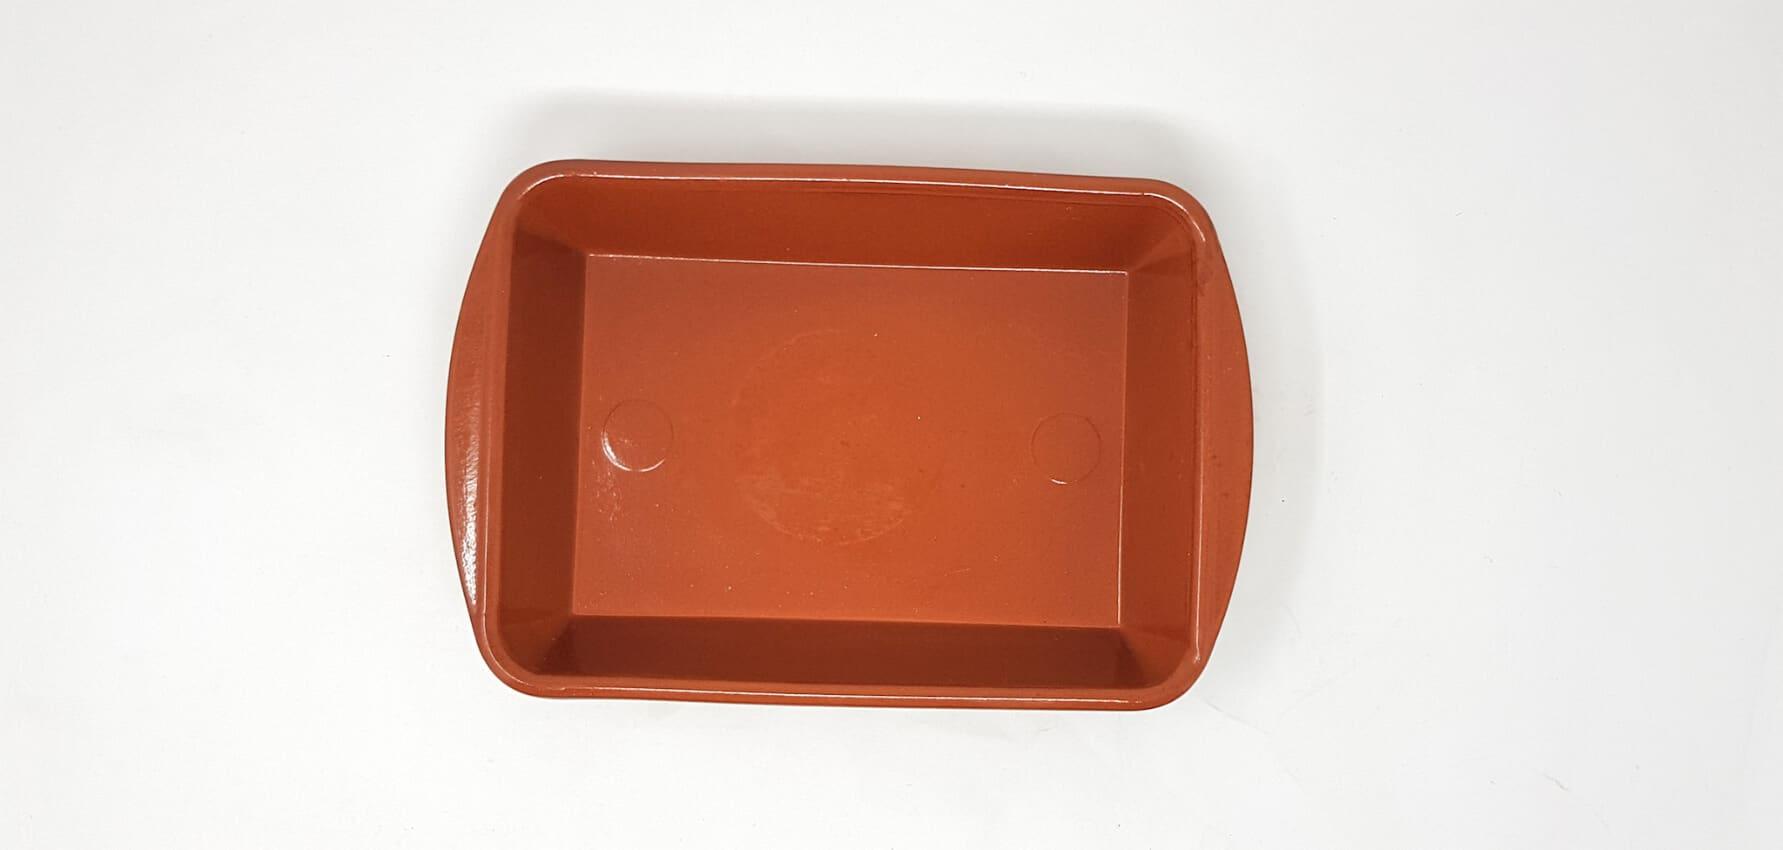 Verano-Spanish-Ceramics-El-Toro-Rectangular-Oven-Dishes-Set-of-3-6